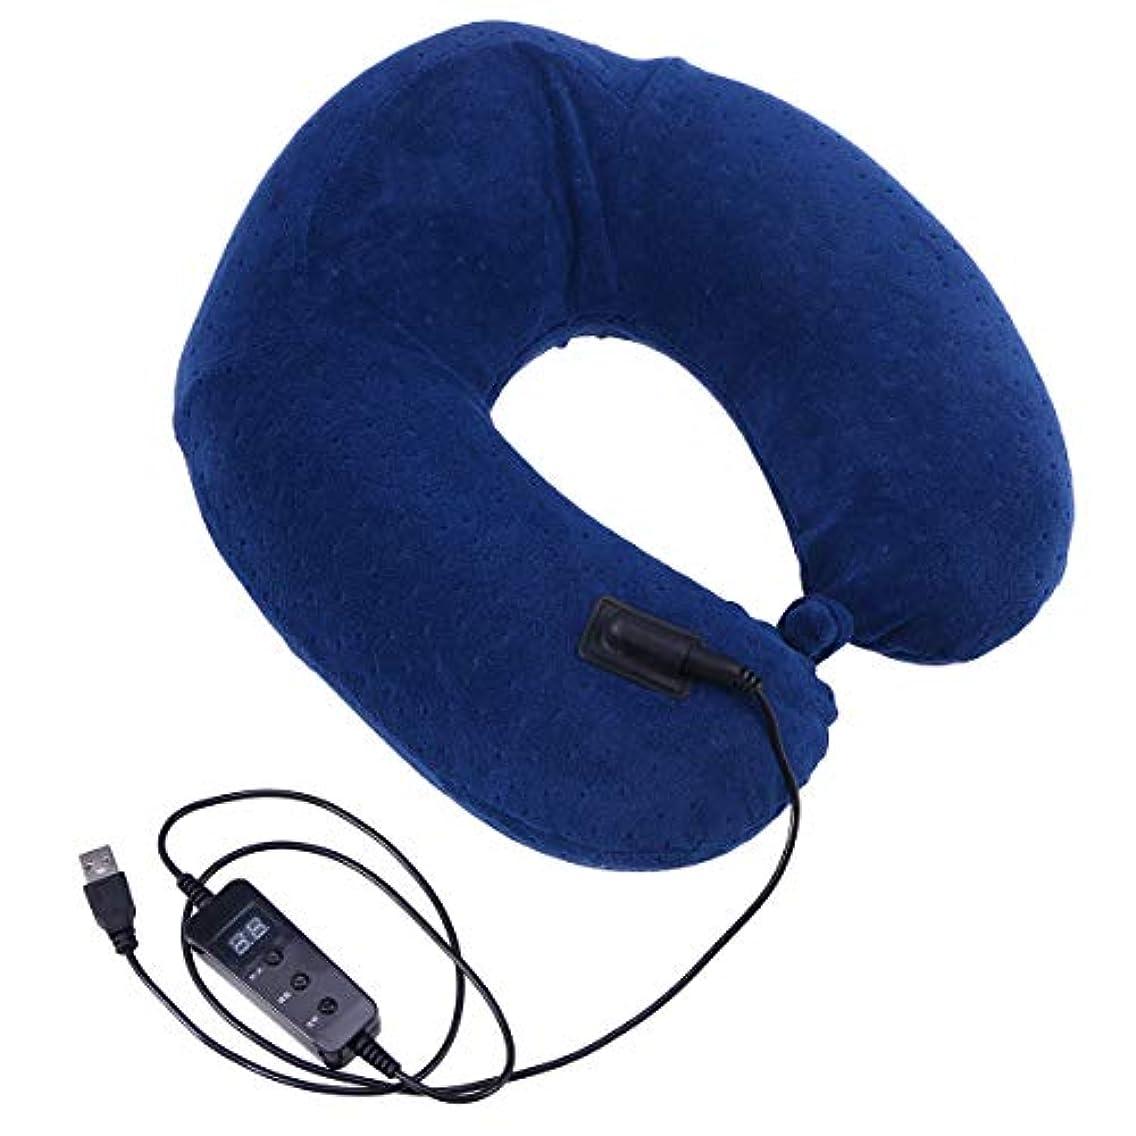 ビスケット赤字犯すHEALIFTY ネック牽引USBソフトメモリフォーム枕のヒーターU字型ネックサポートクッション車のためのトレーンホームまたはオフィスバッテリなし(ネイビー)